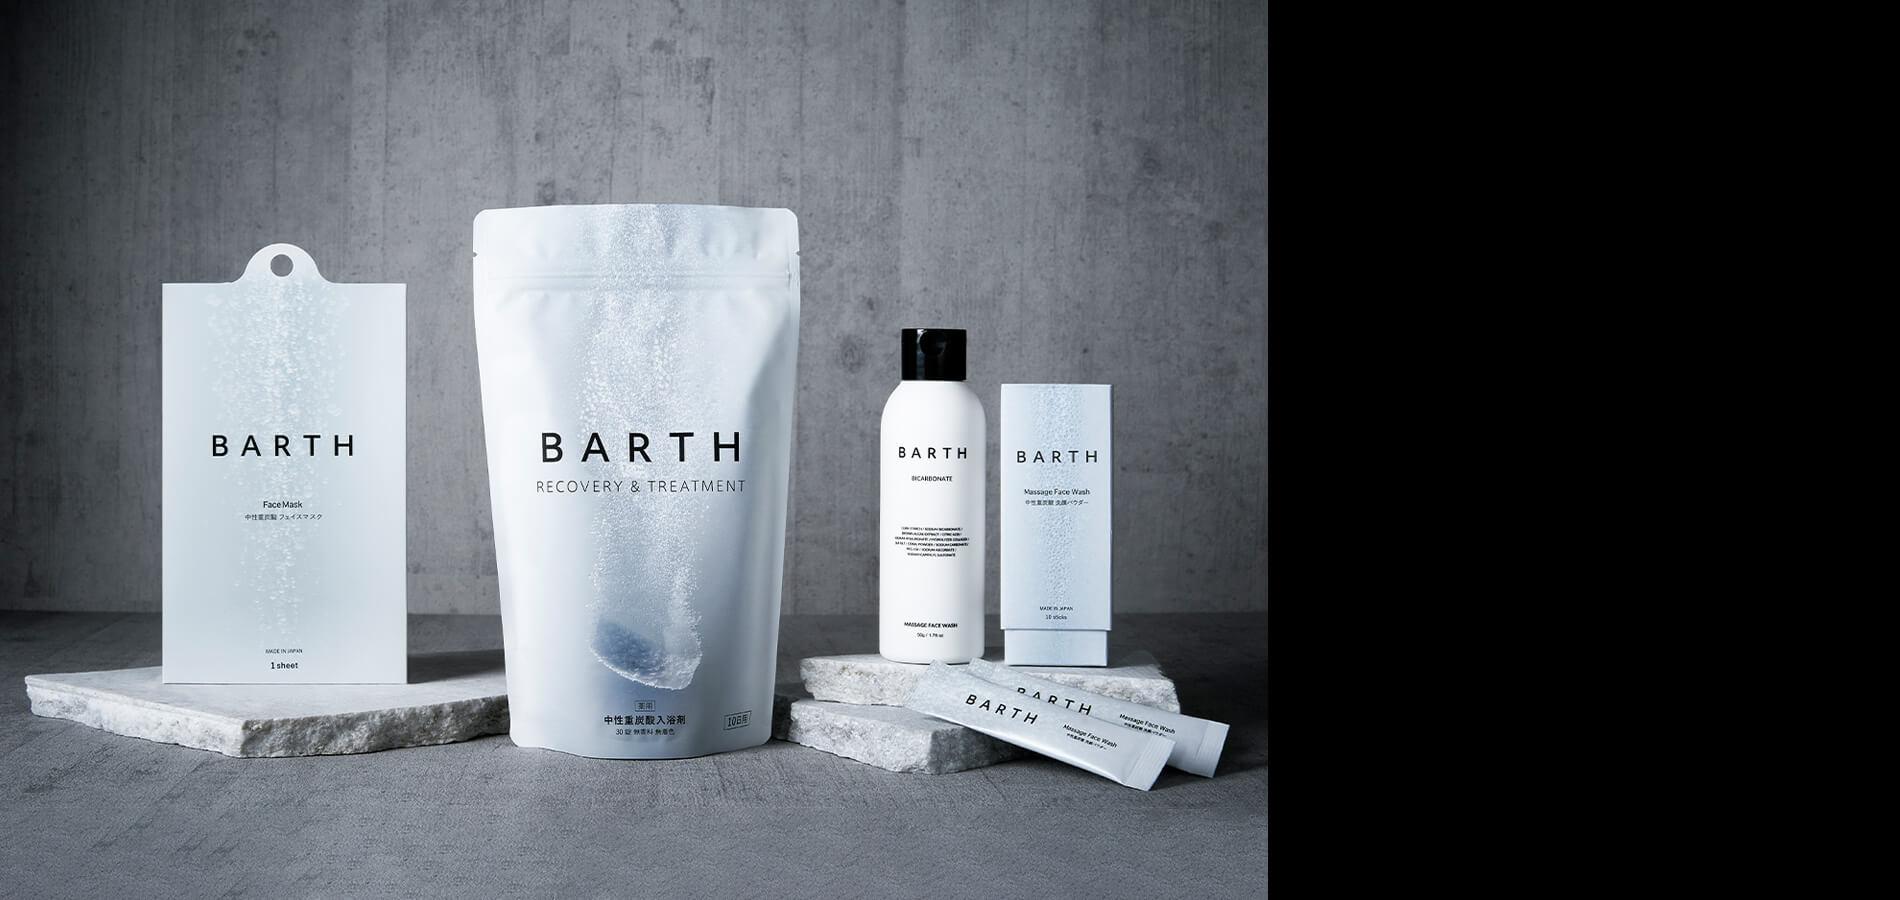 中性重炭酸入浴剤BARTH(バース)